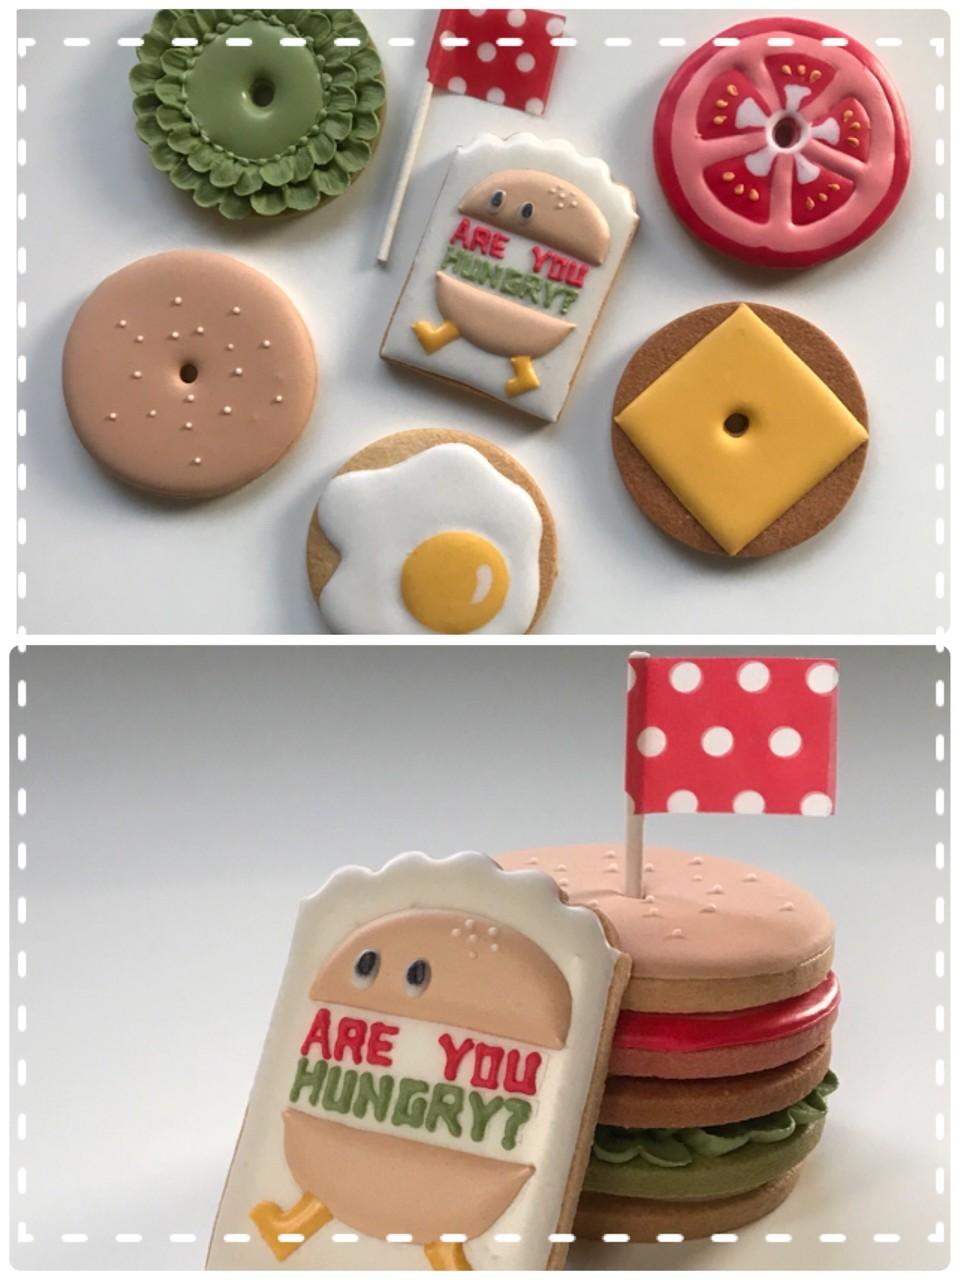 9月☆ママのアイシングクッキー教室♪『Are you hungry?』